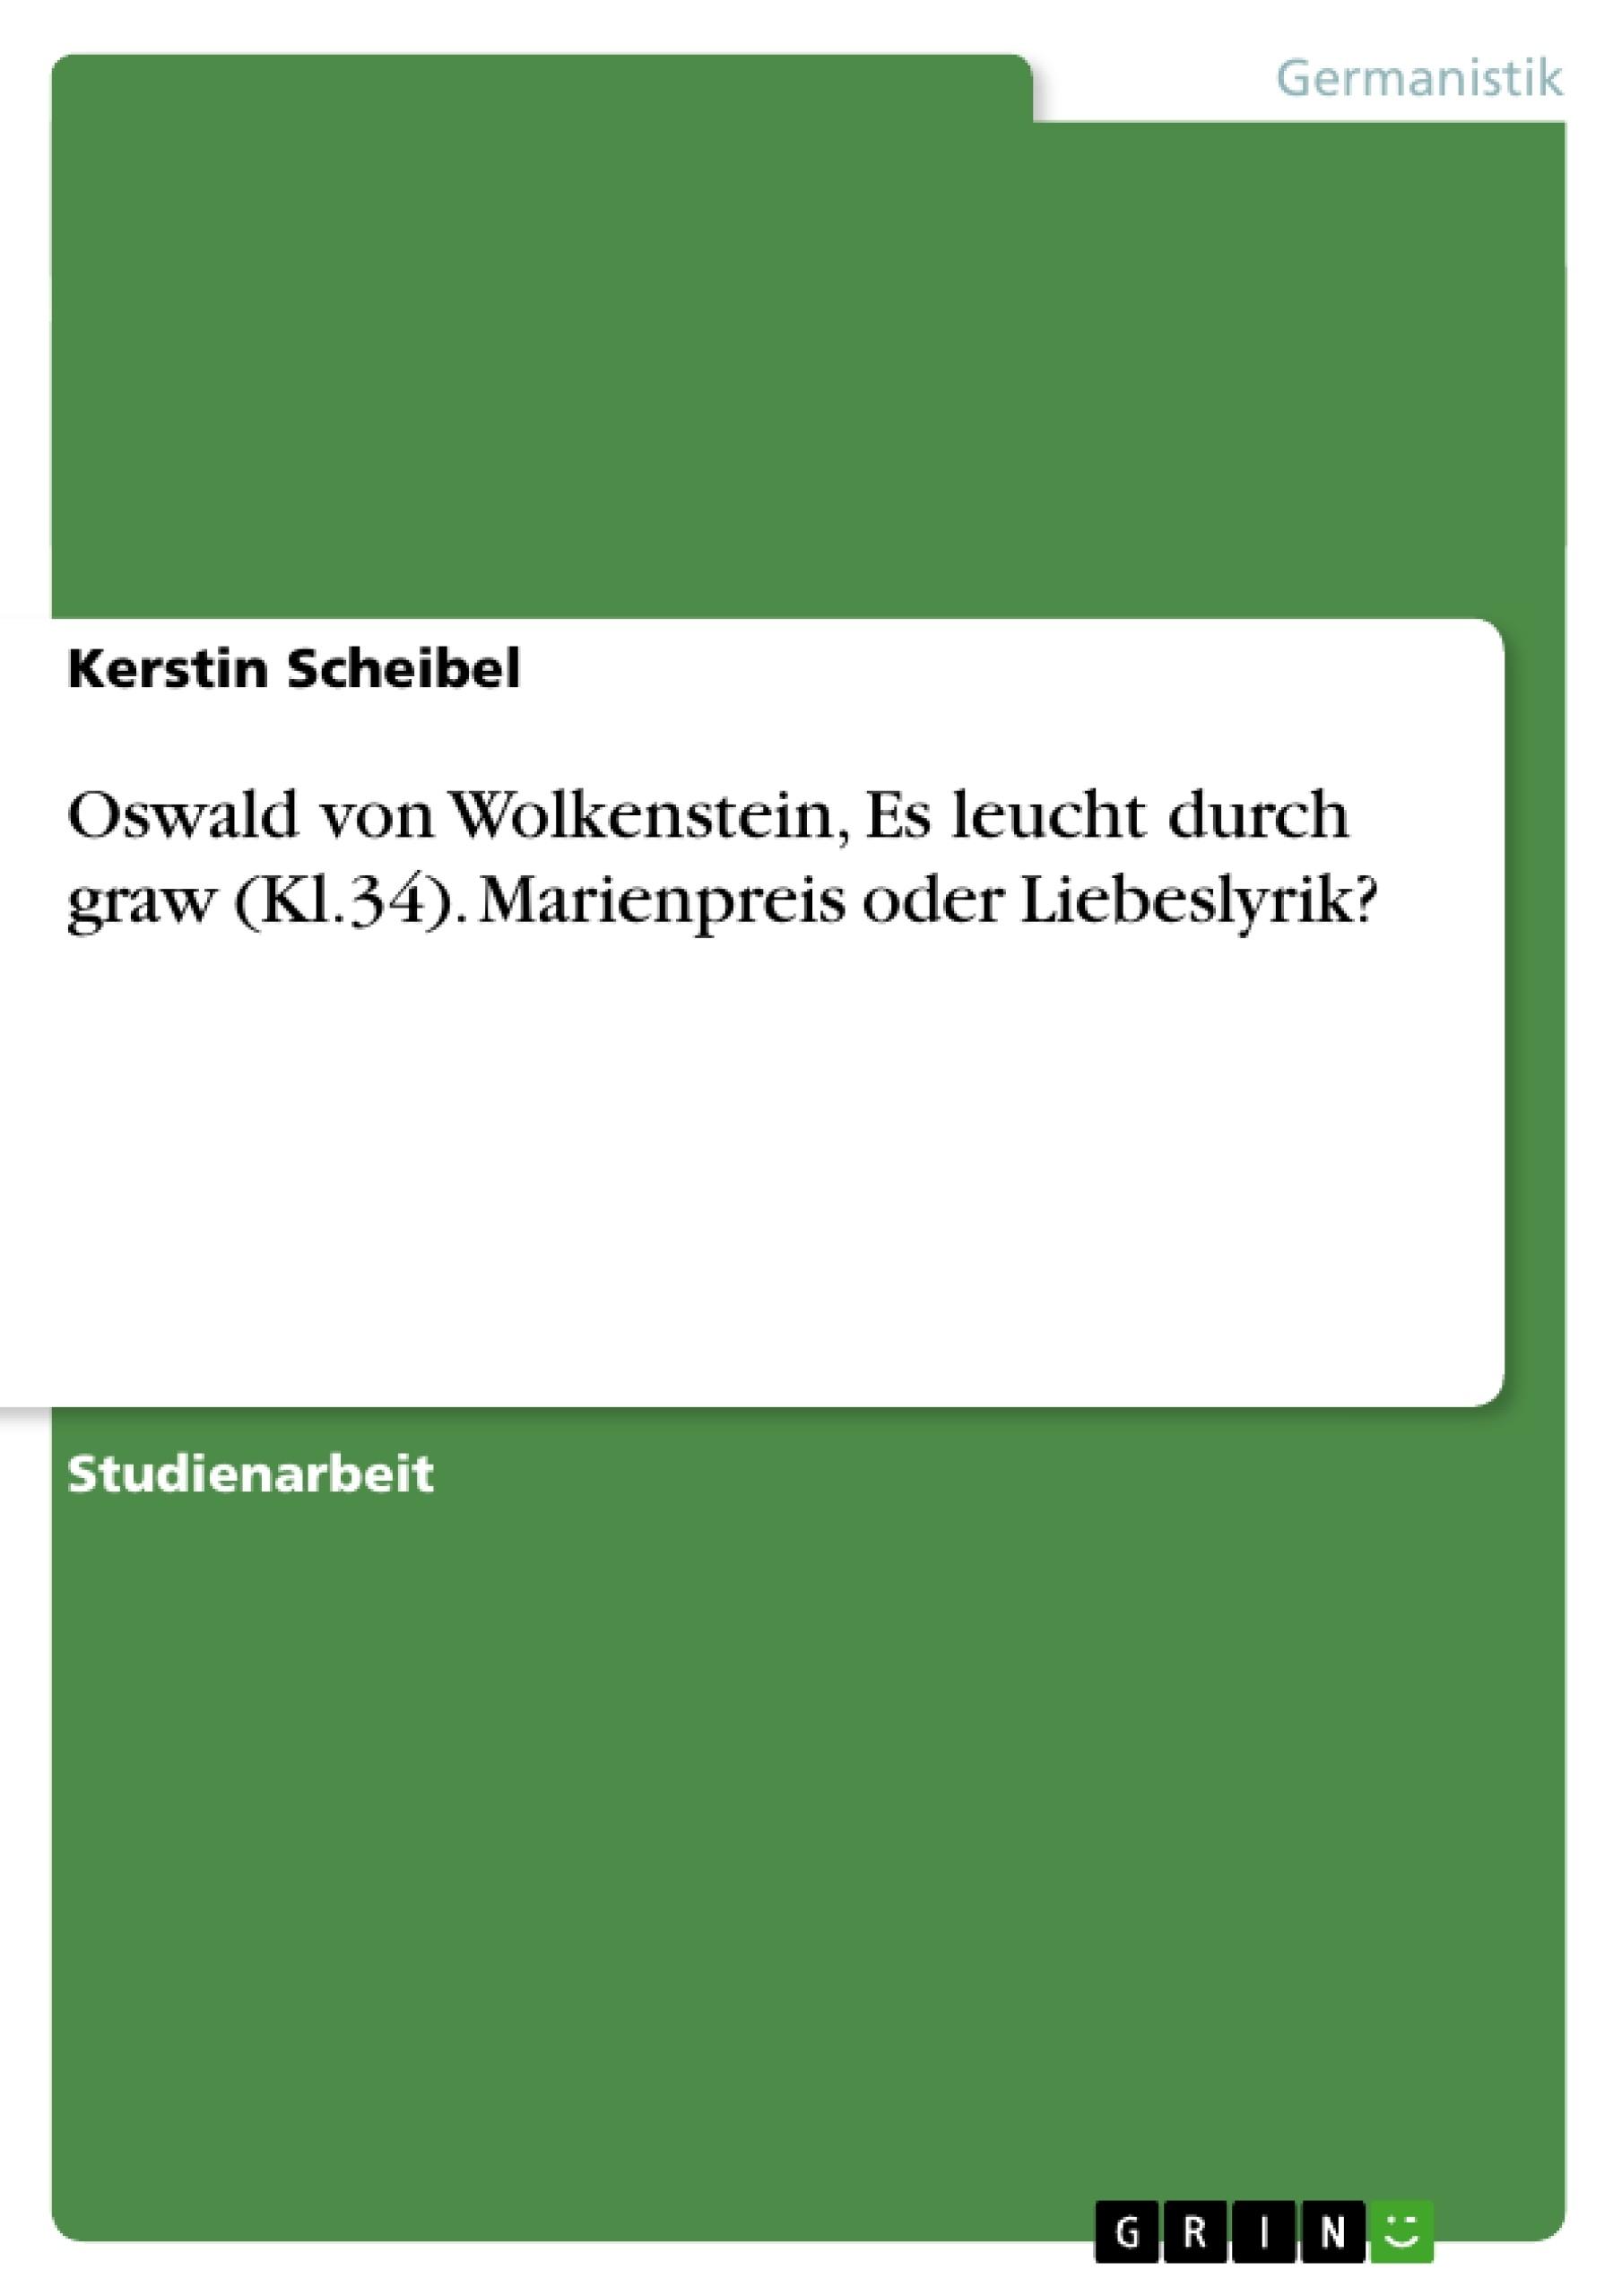 Titel: Oswald von Wolkenstein, Es leucht durch graw (Kl.34). Marienpreis oder Liebeslyrik?